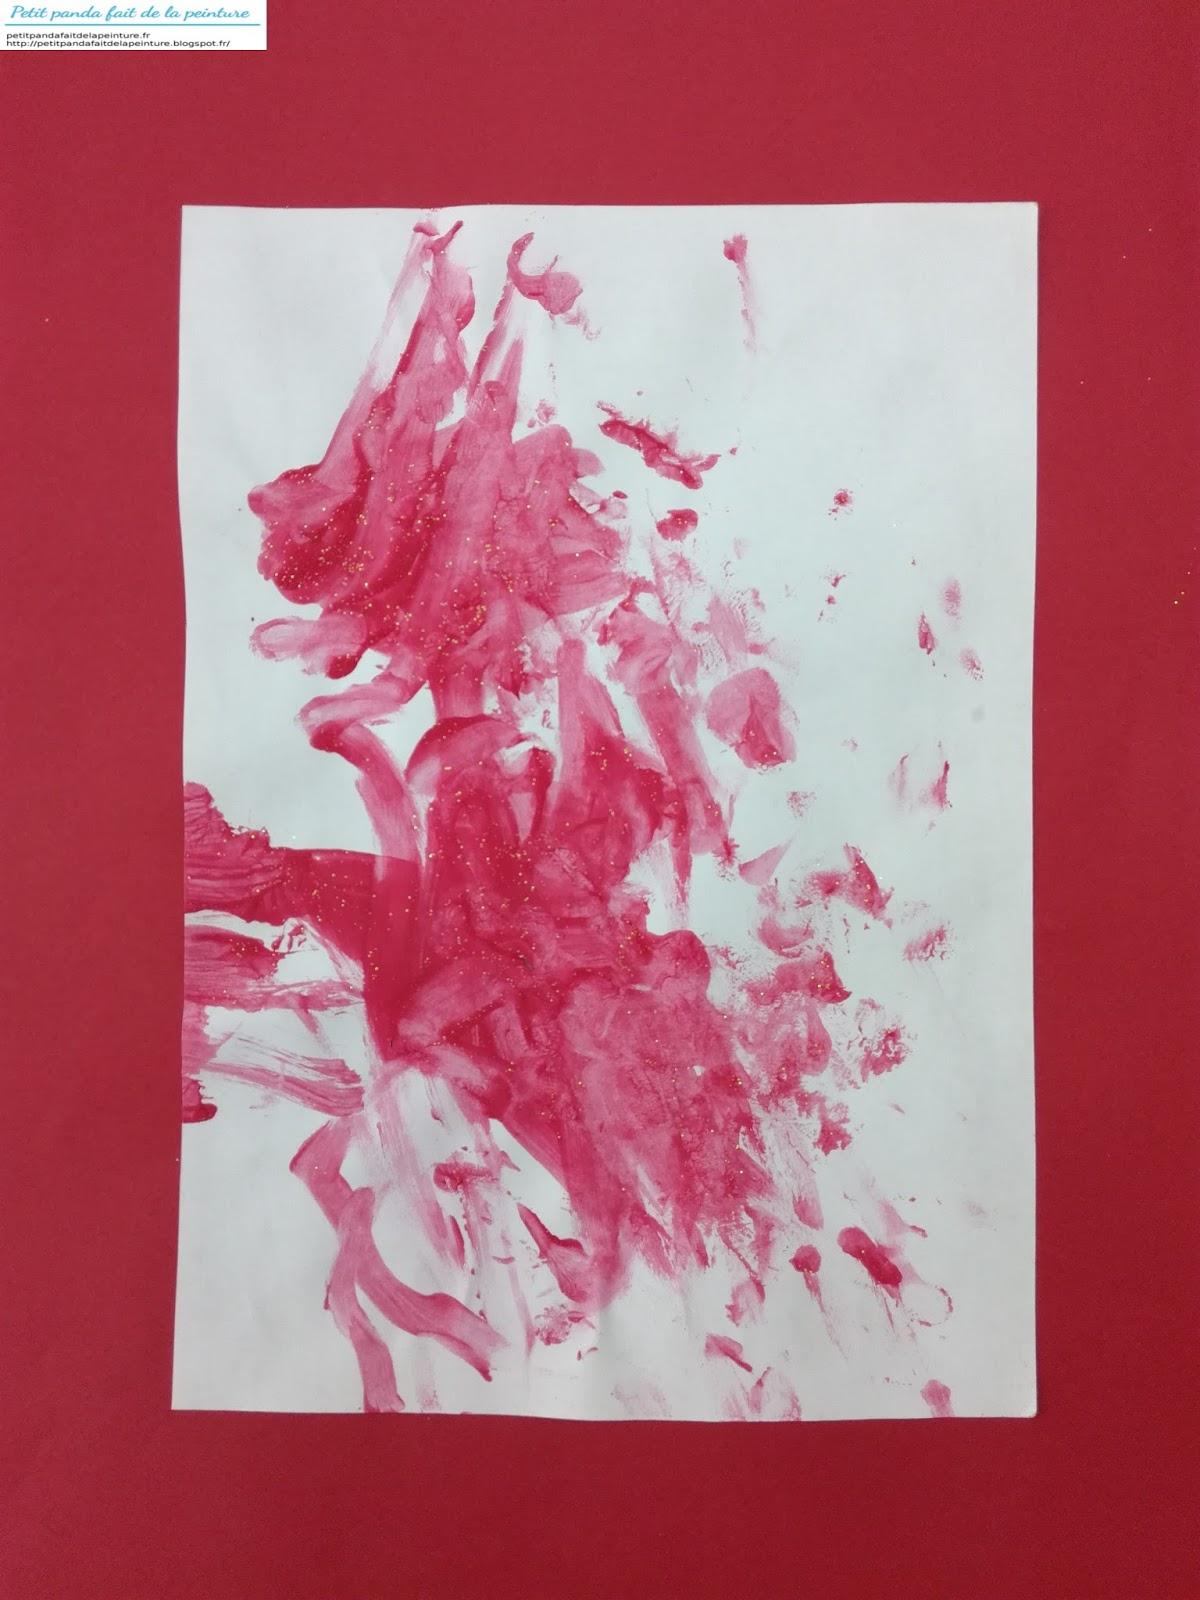 Petit panda fait de la peinture une premiere peinture de noel par un enfant de 1 an - Peinture de noel ...